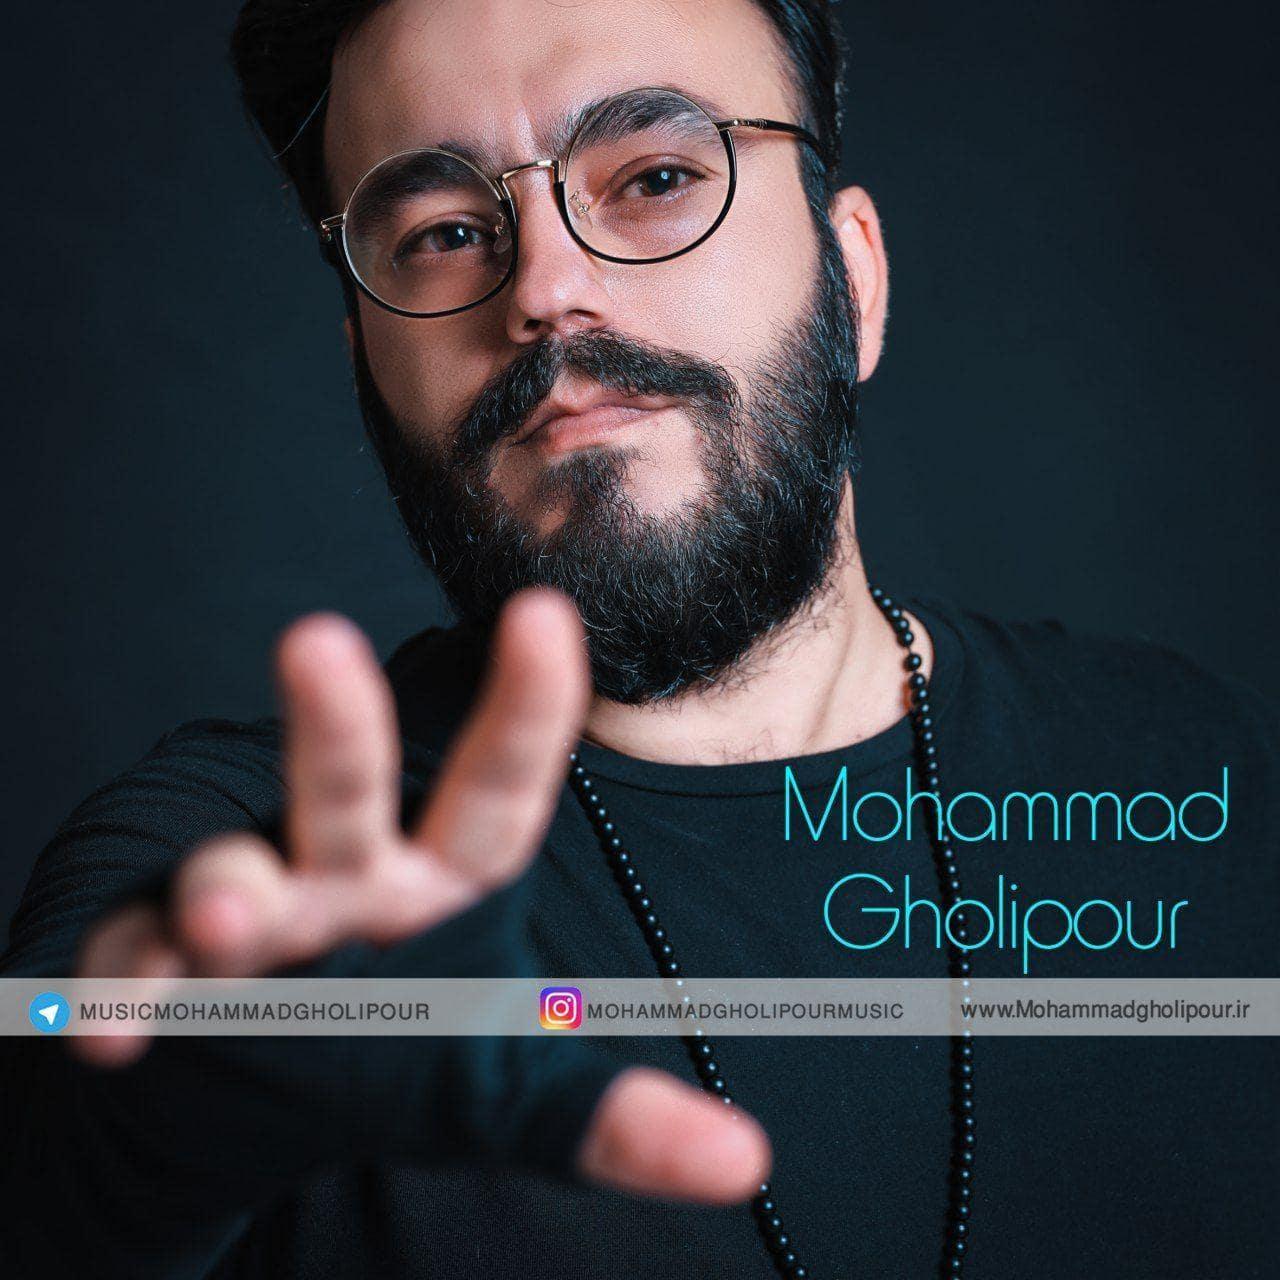 دانلود آهنگ جدید محمد قلی پور تصنیف عشق